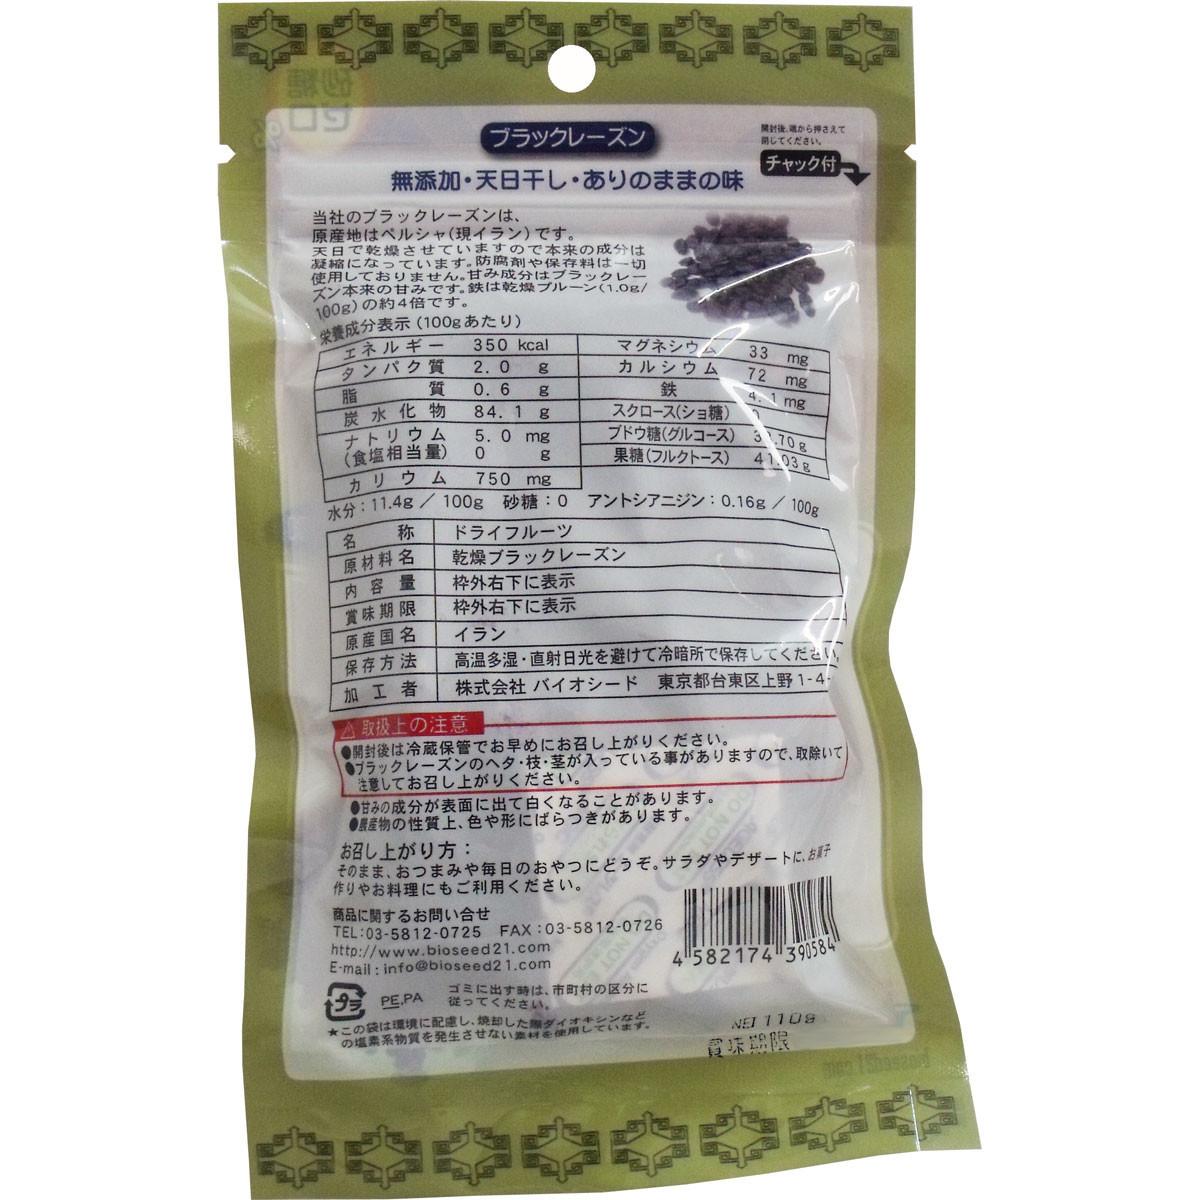 【BI】 ドライフルーツ ブラックレーズン 220g 黒レーズン 無添加 砂糖不使用 ノンシュガー レーズン 干しブドウ 干しぶどう_画像3